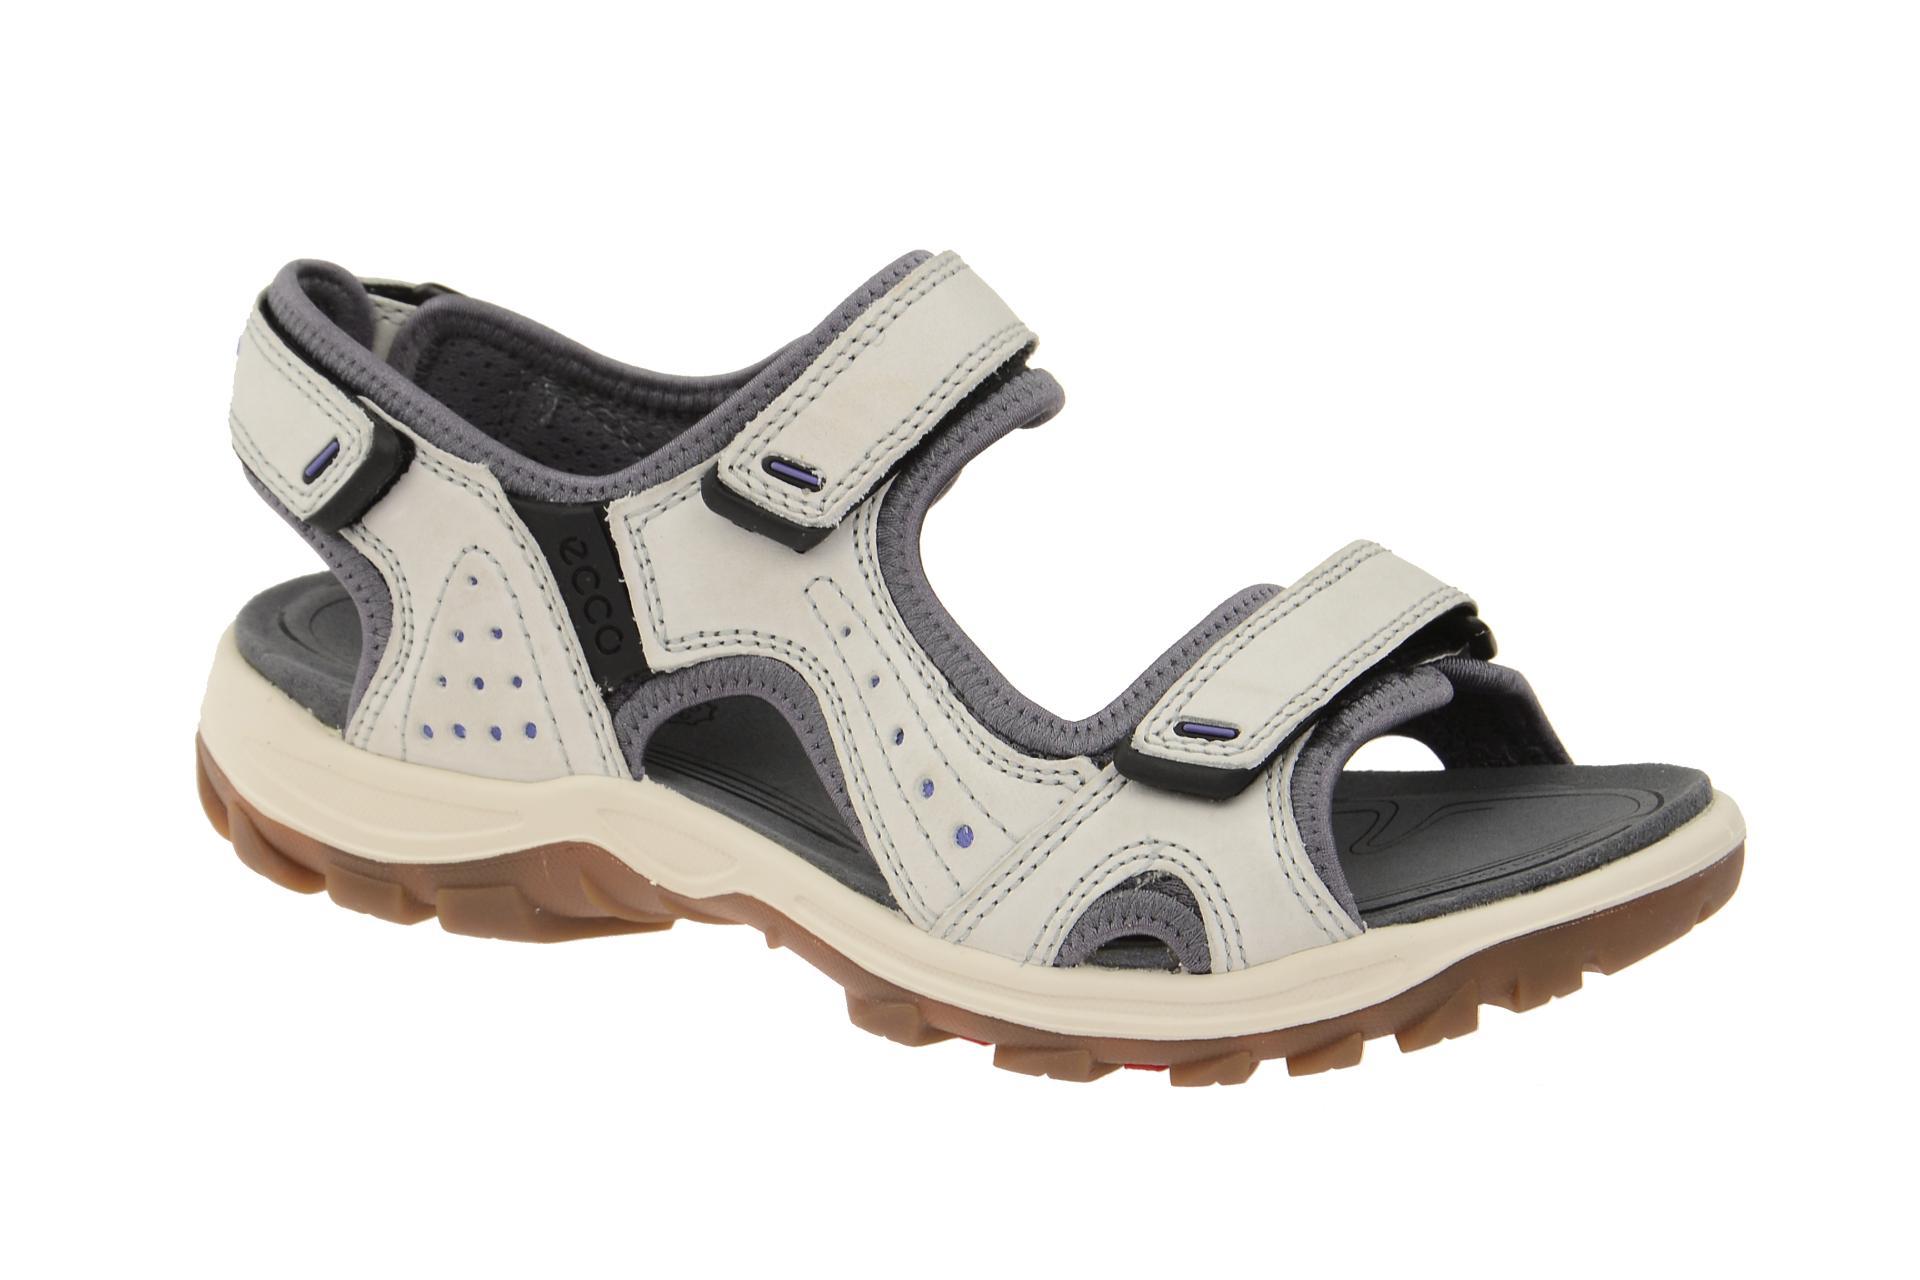 Ecco Sandale weiß Gr. 36 Offroad Lite - 82002357720 - Schuhhaus Strauch Shop